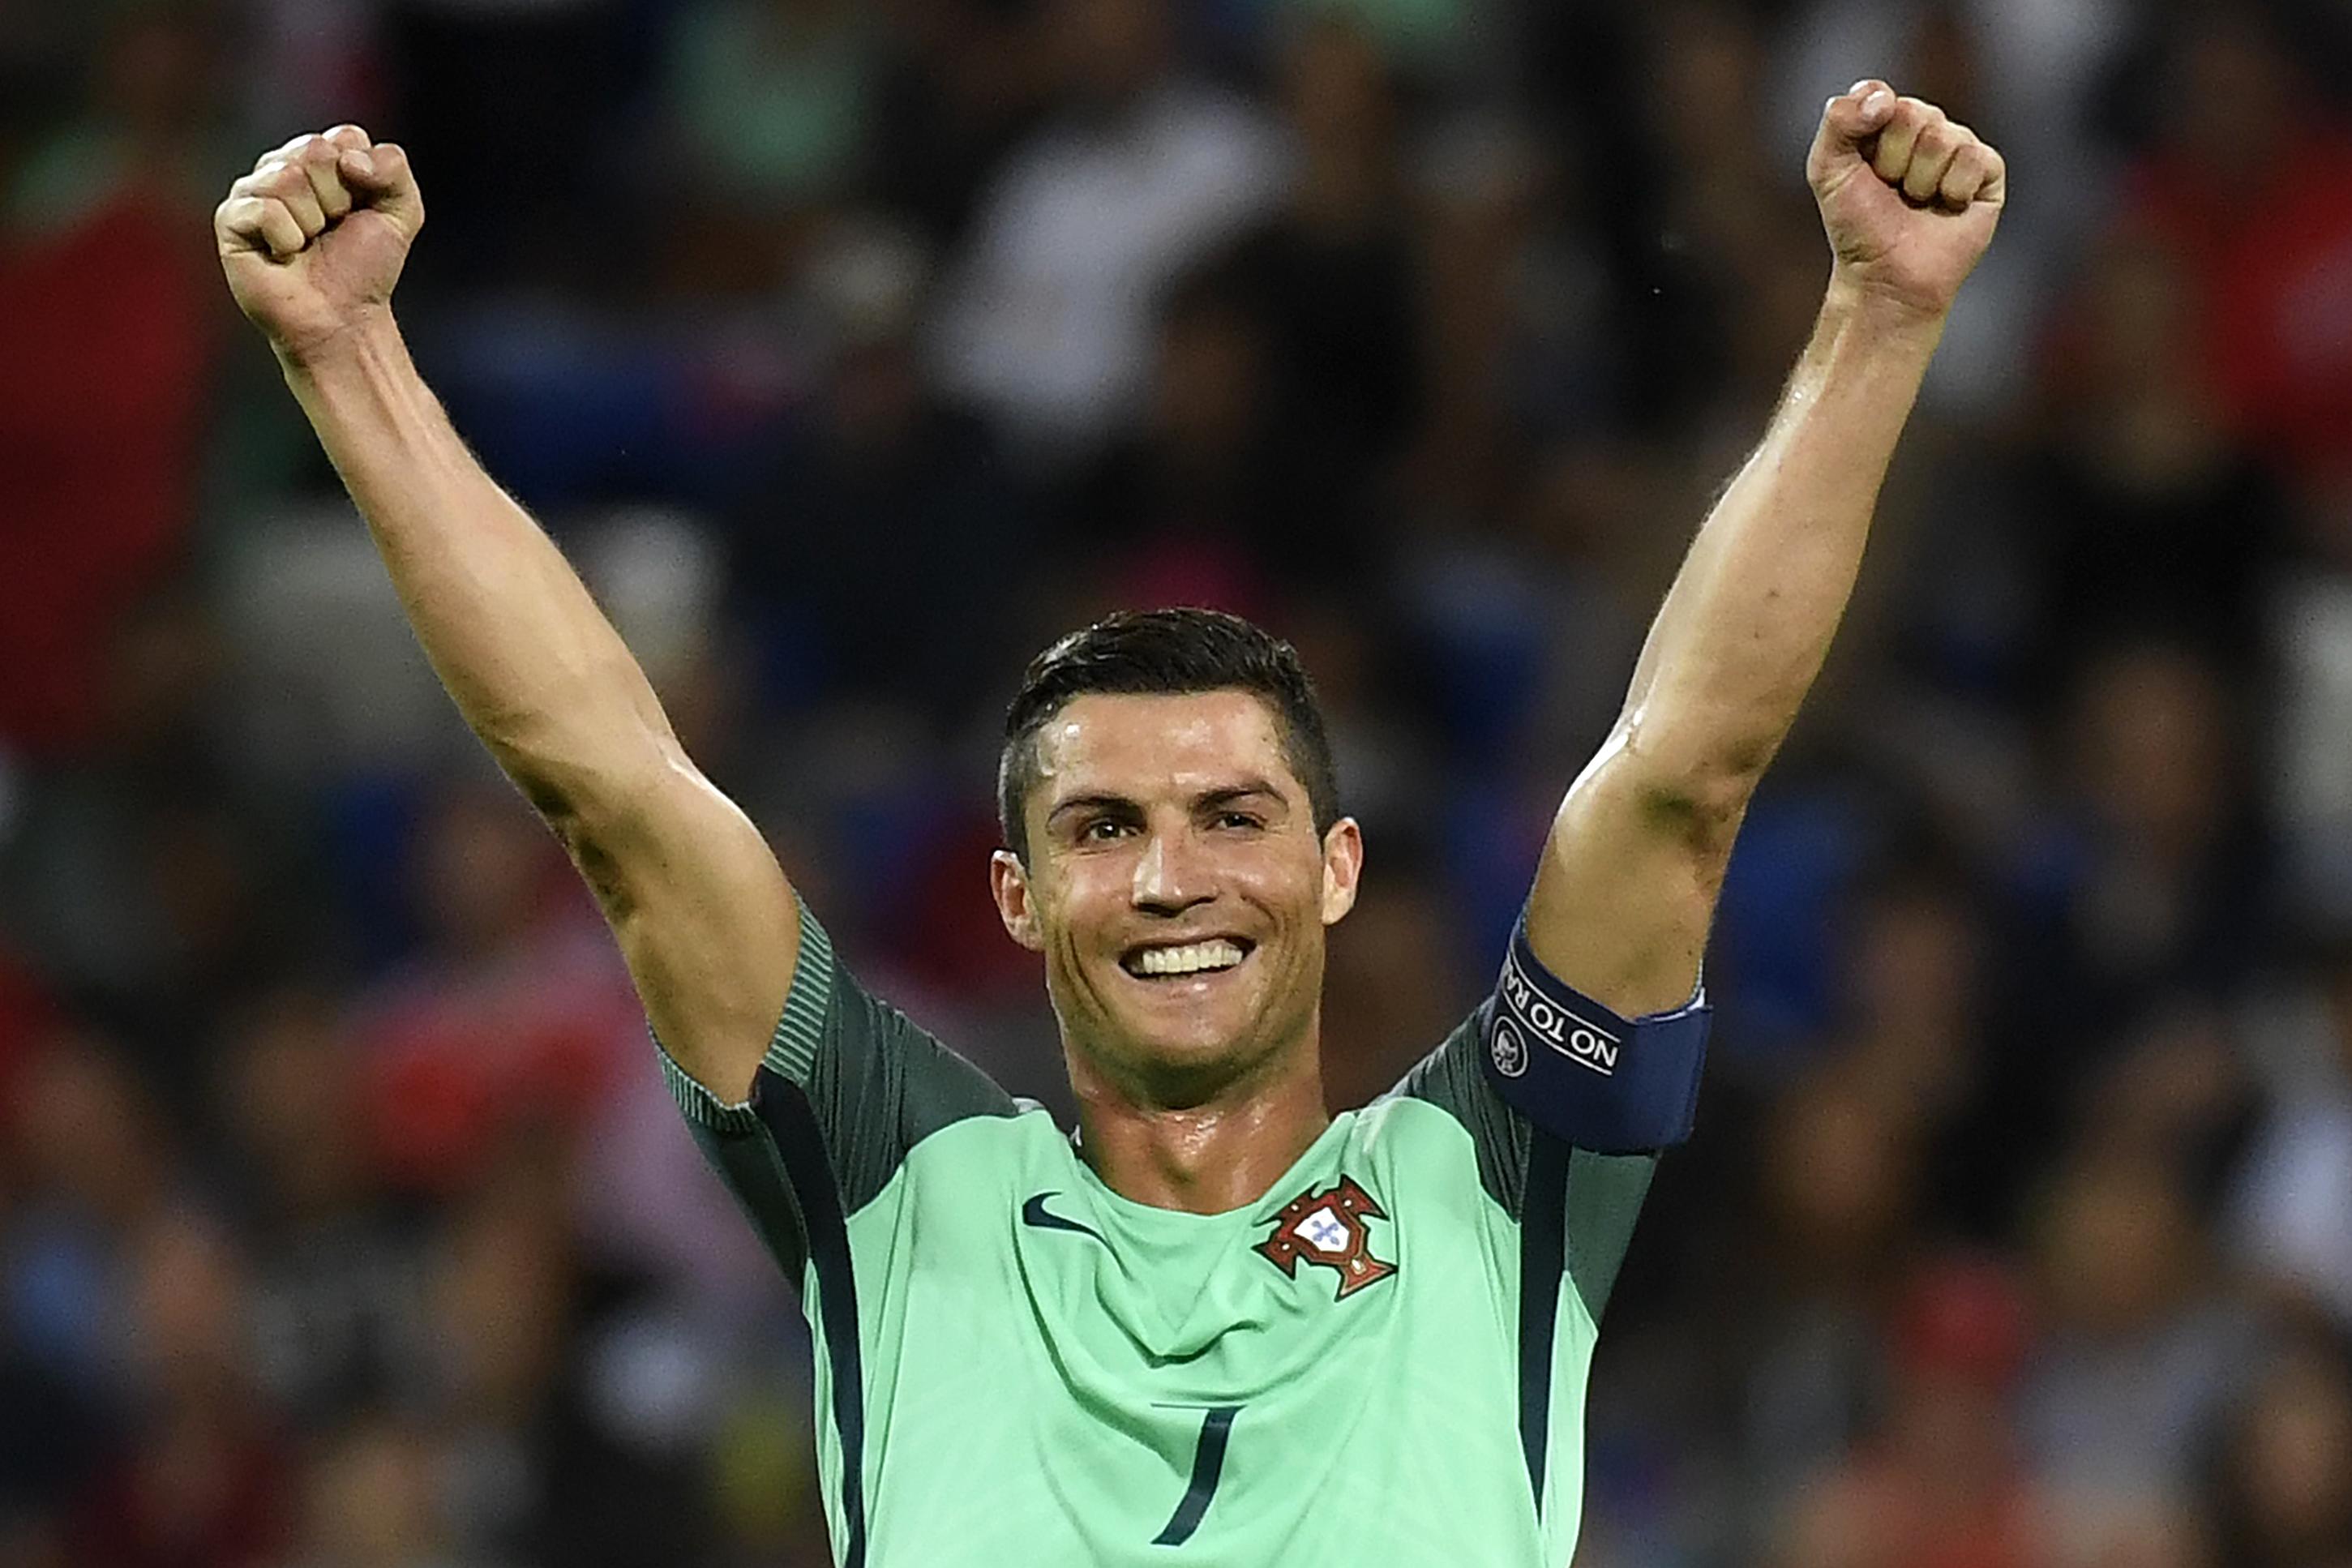 Ötödször is az év játékosa lett Cristiano Ronaldo